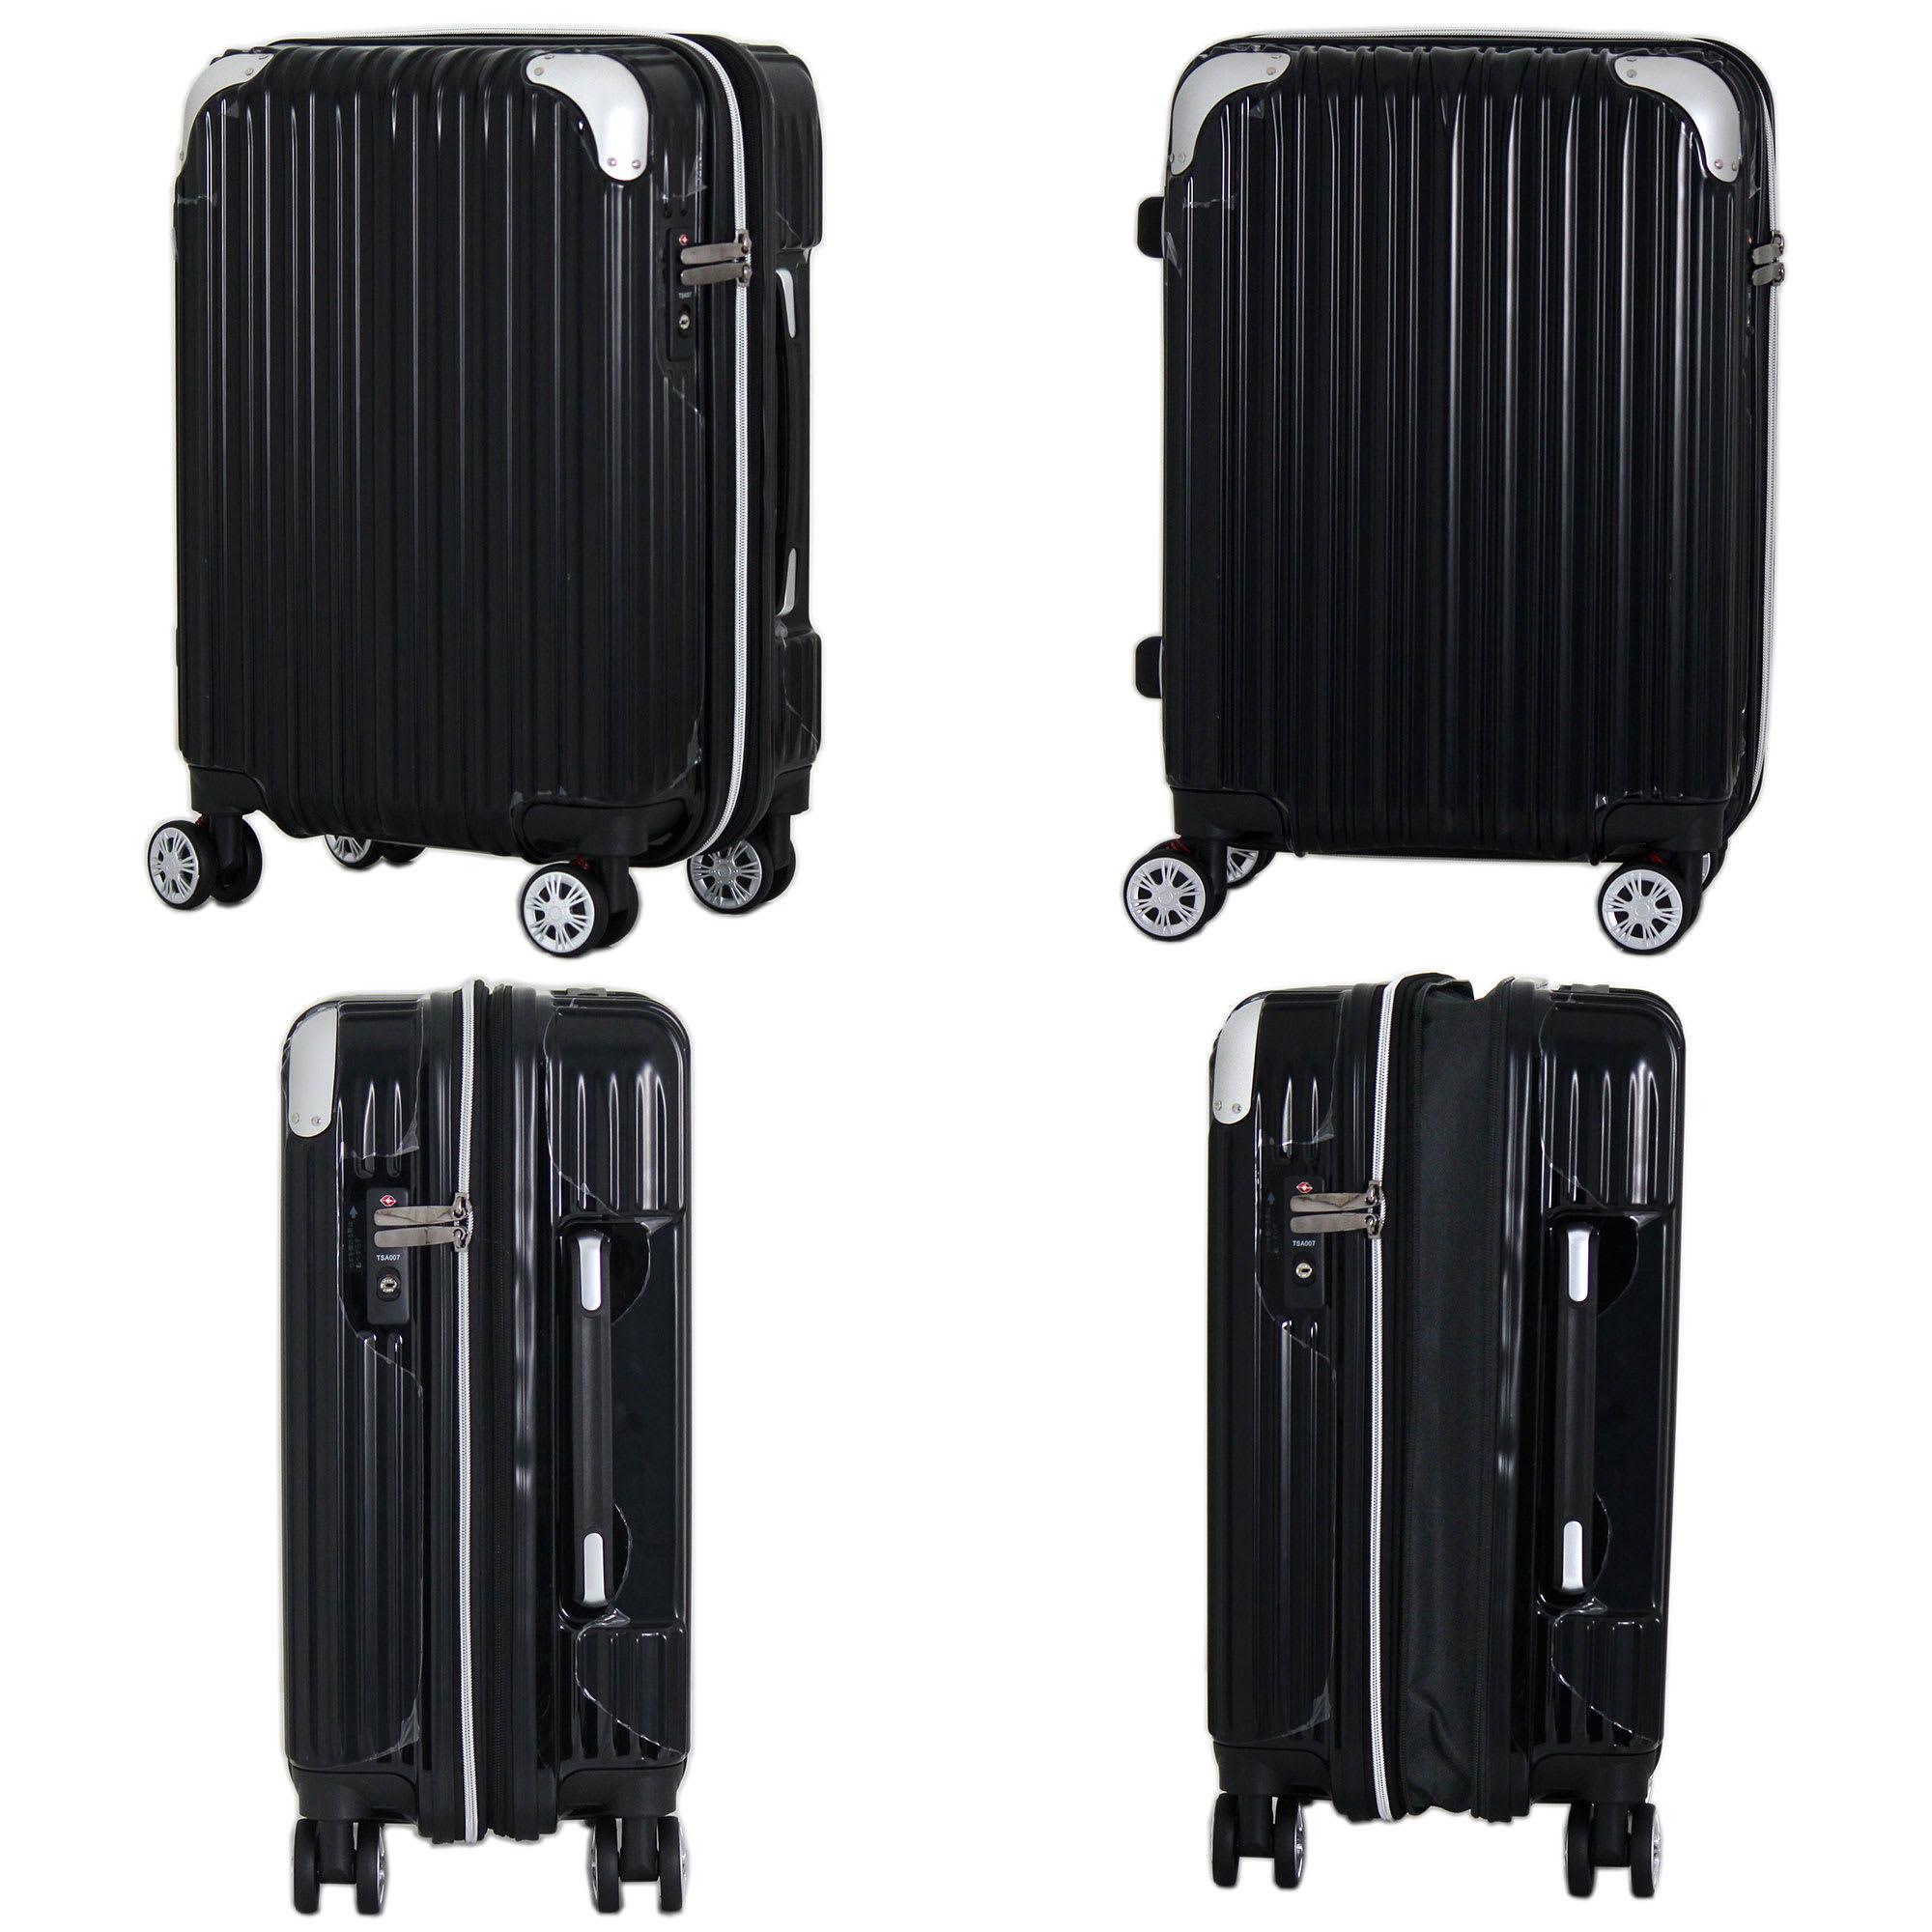 トライデント/拡張式ハードジッパースーツケース|キャリーケース・キャリーバッグ (イ)ブラック